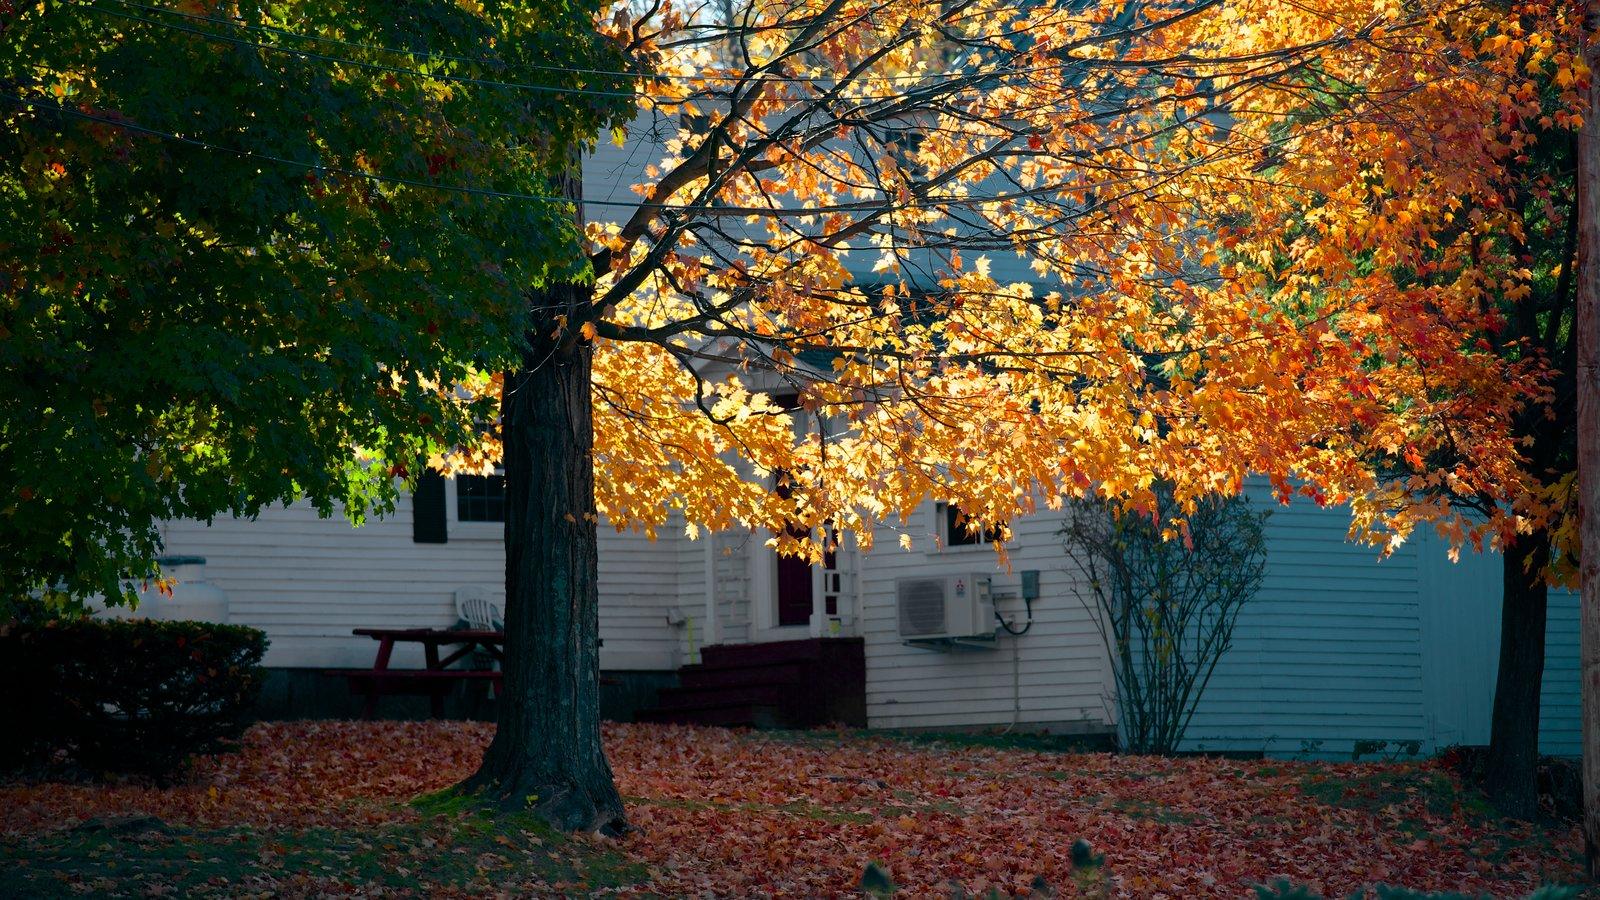 Conway que inclui cores do outono